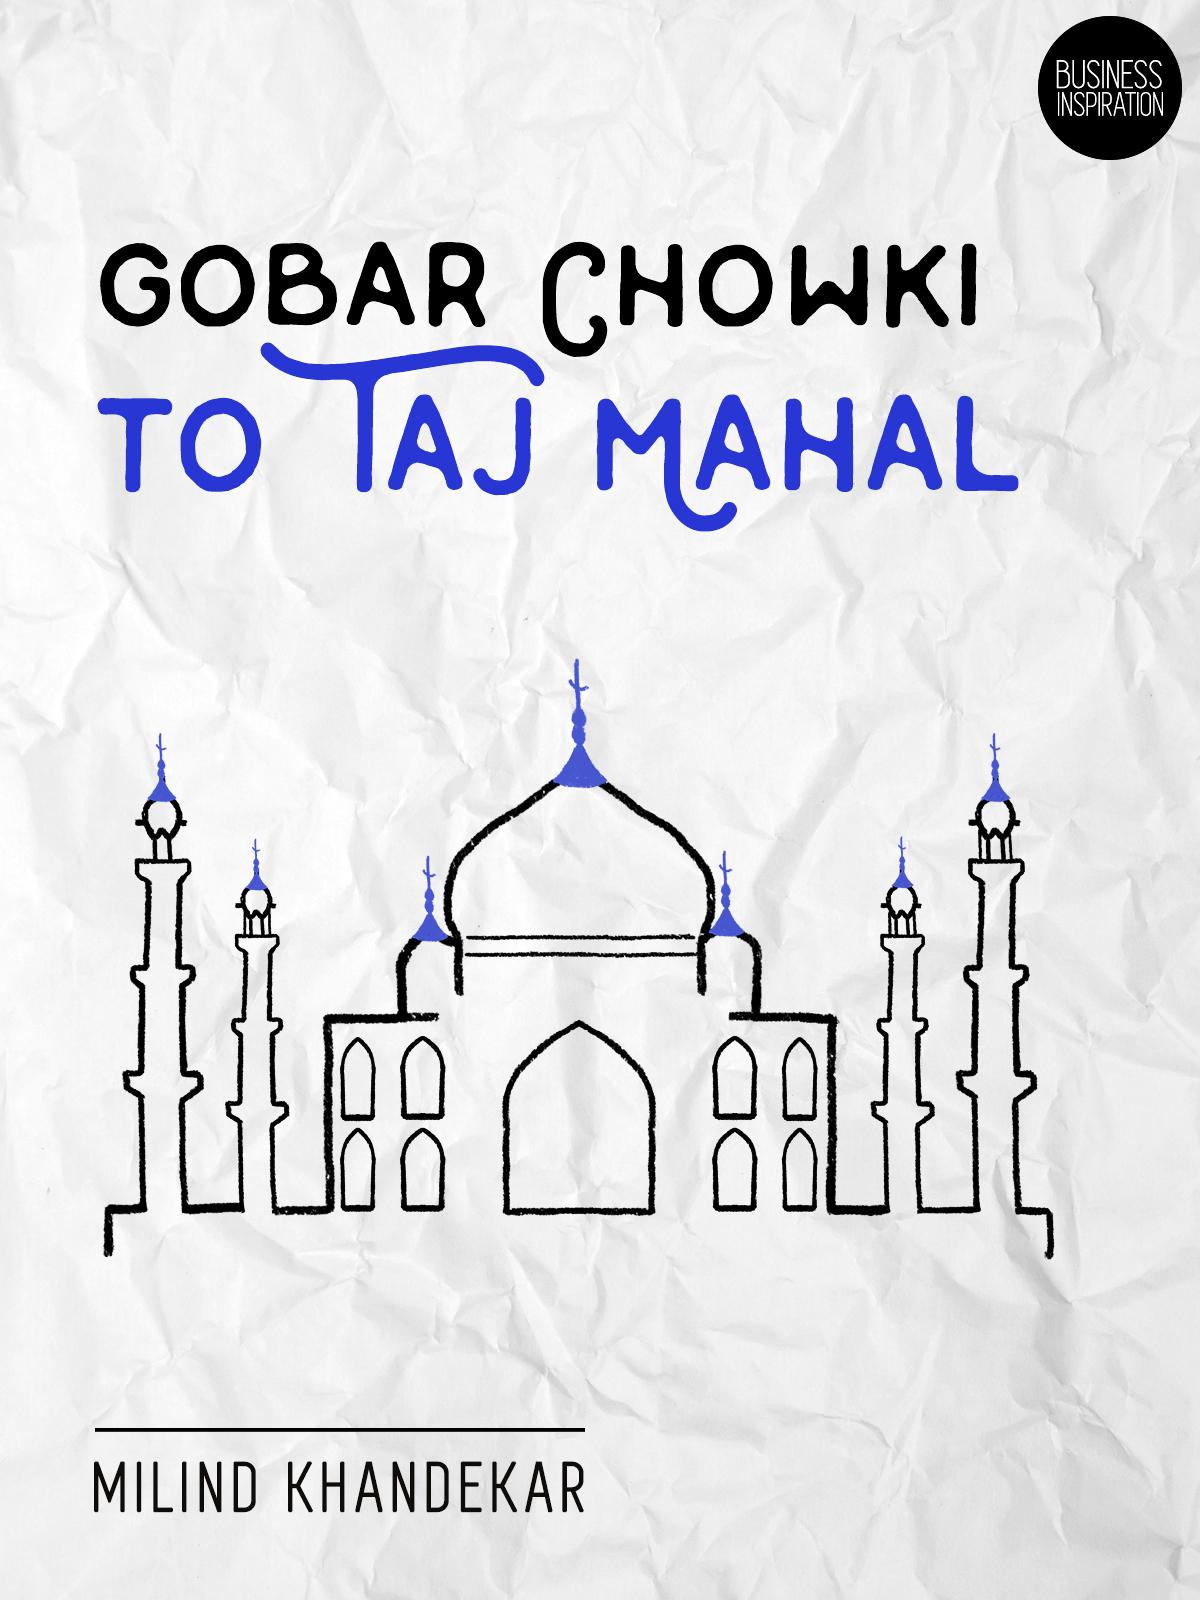 Gobar Chowki to Taj Mahal